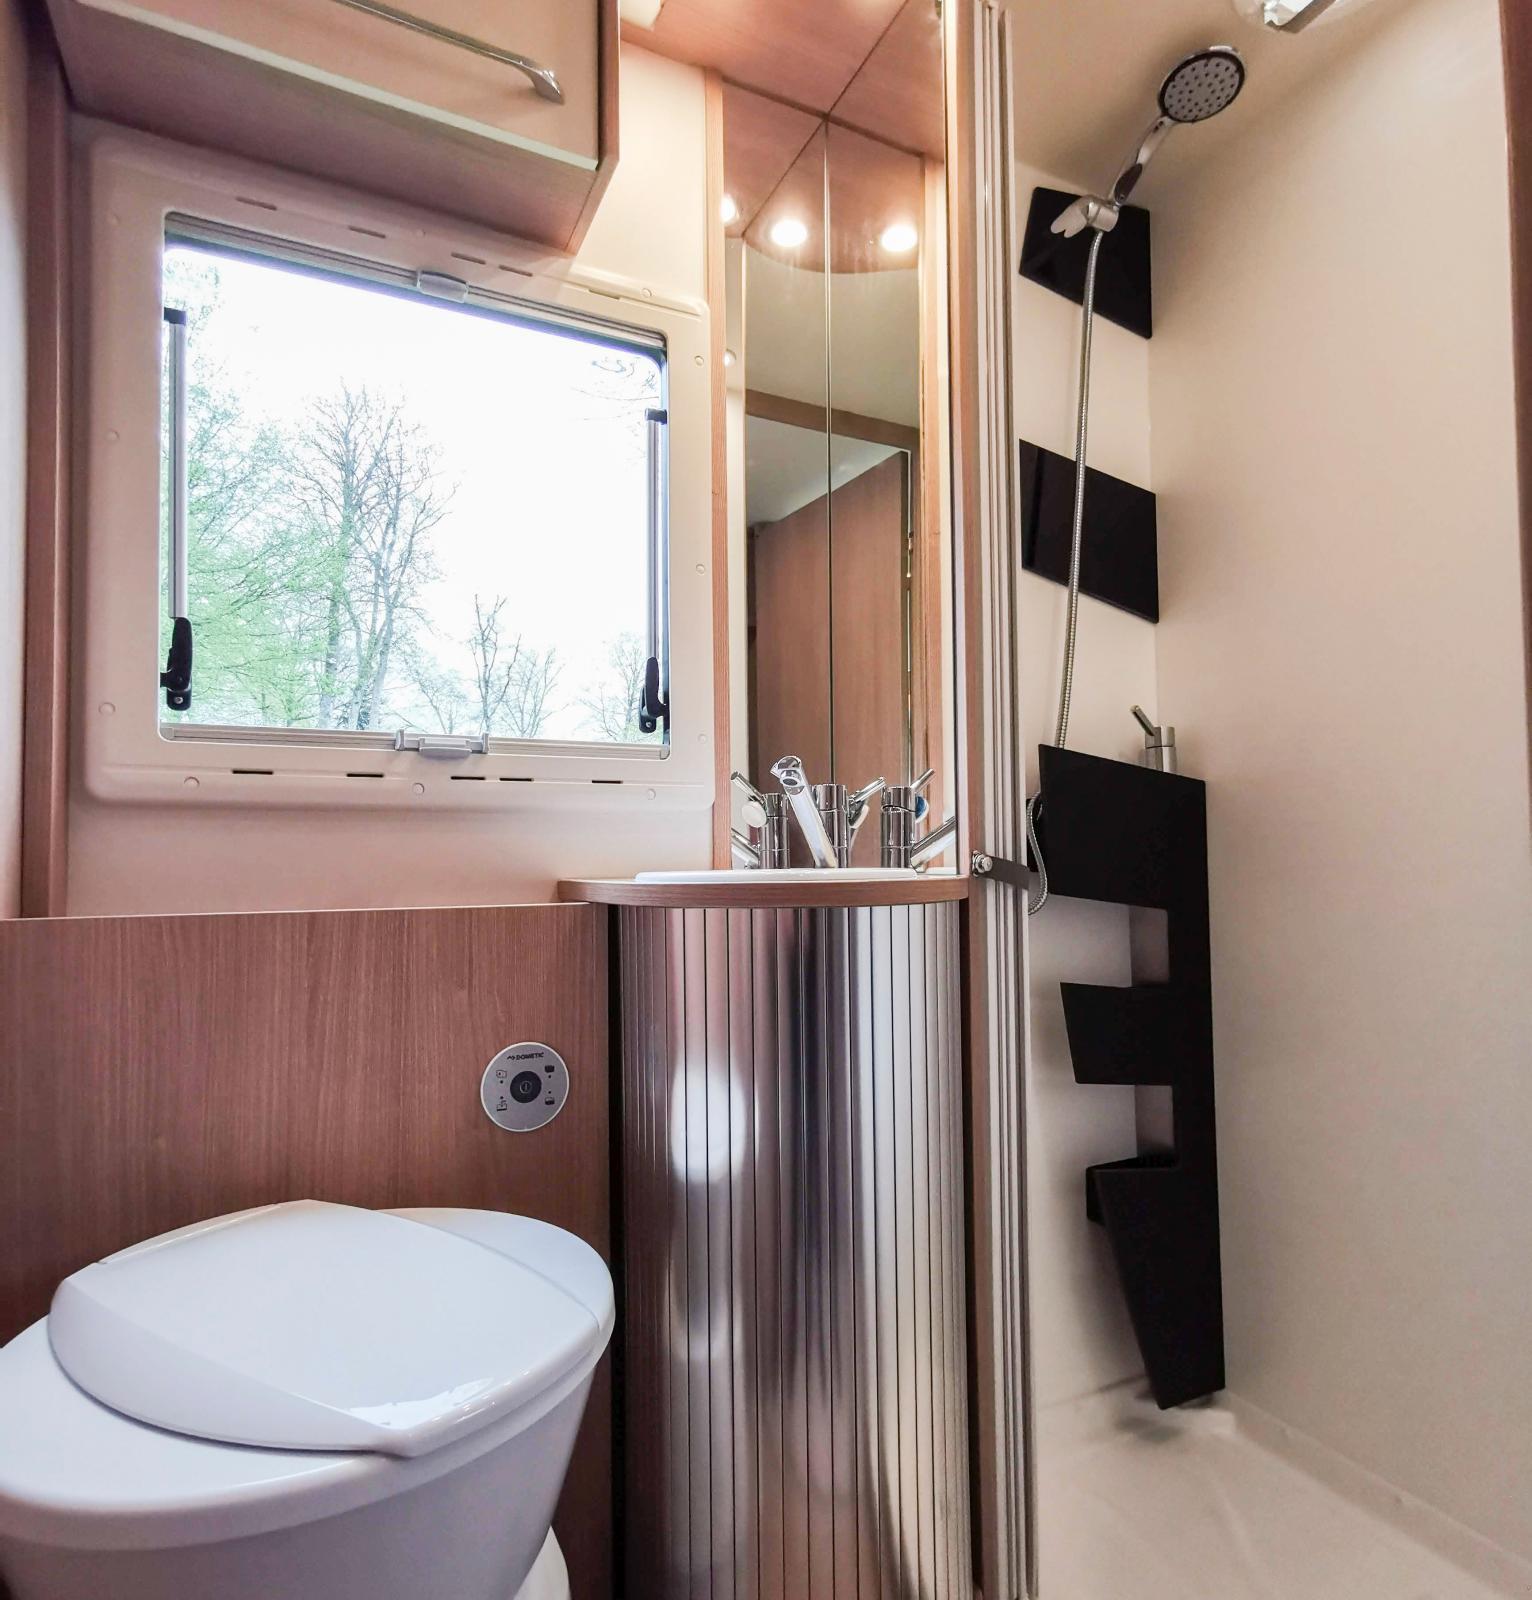 Trevligt badrum med separat duschkabin. Vi saknar bara handdukshängare och krokar, överallt i husbilen.